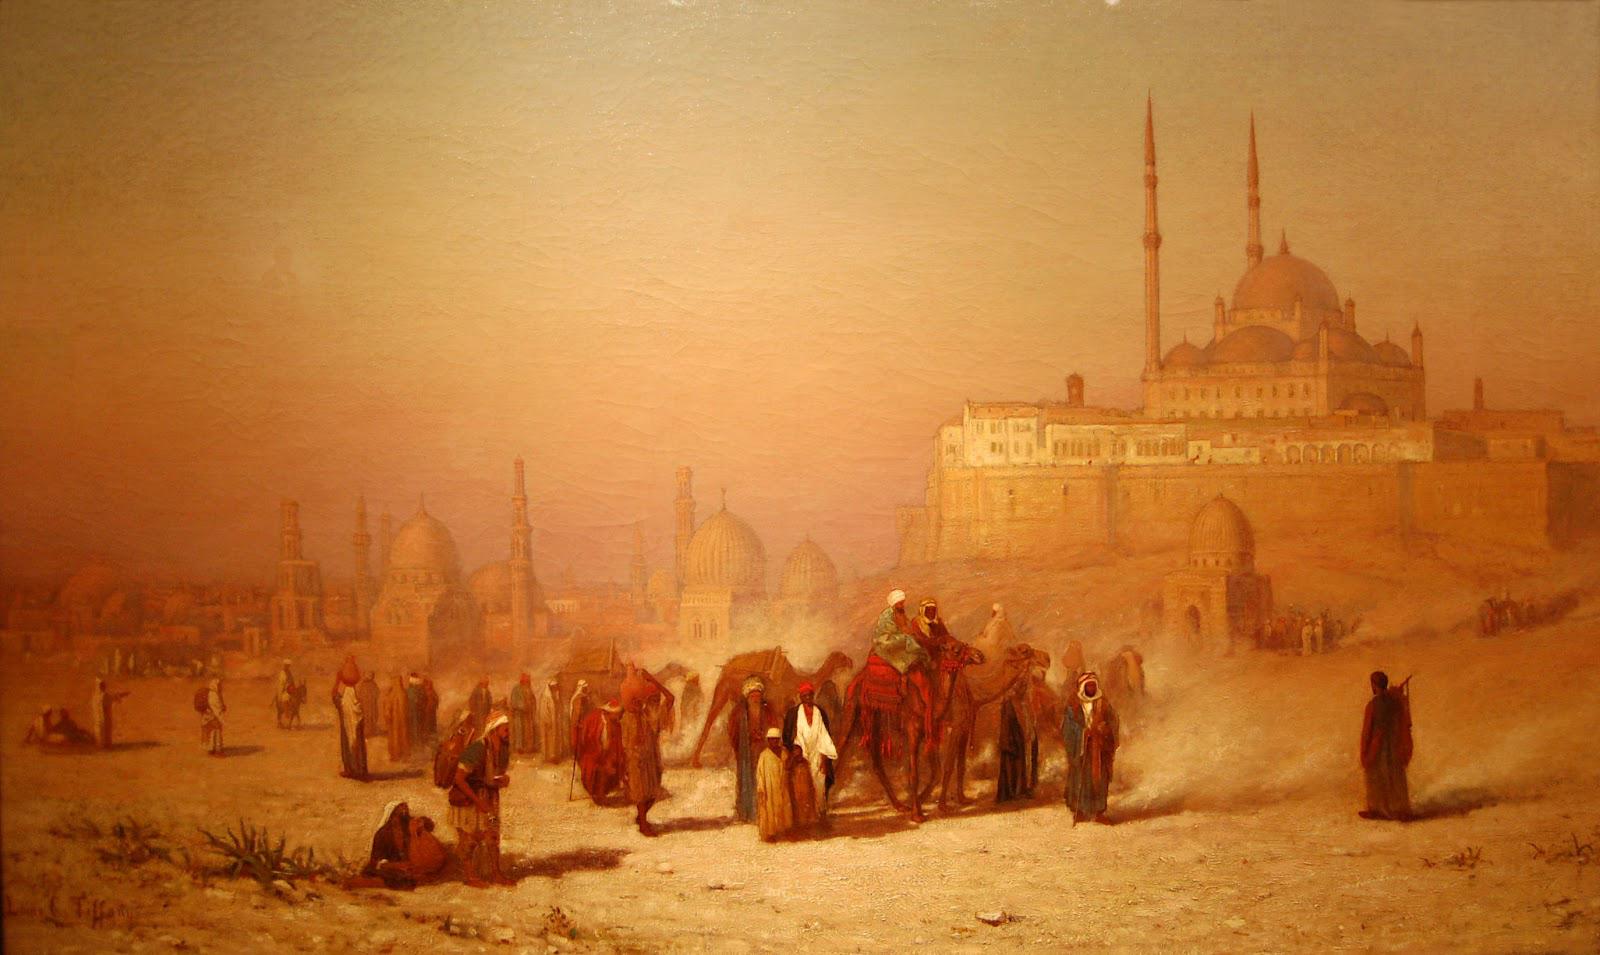 19th century American Paintings: Orientalist Paintings